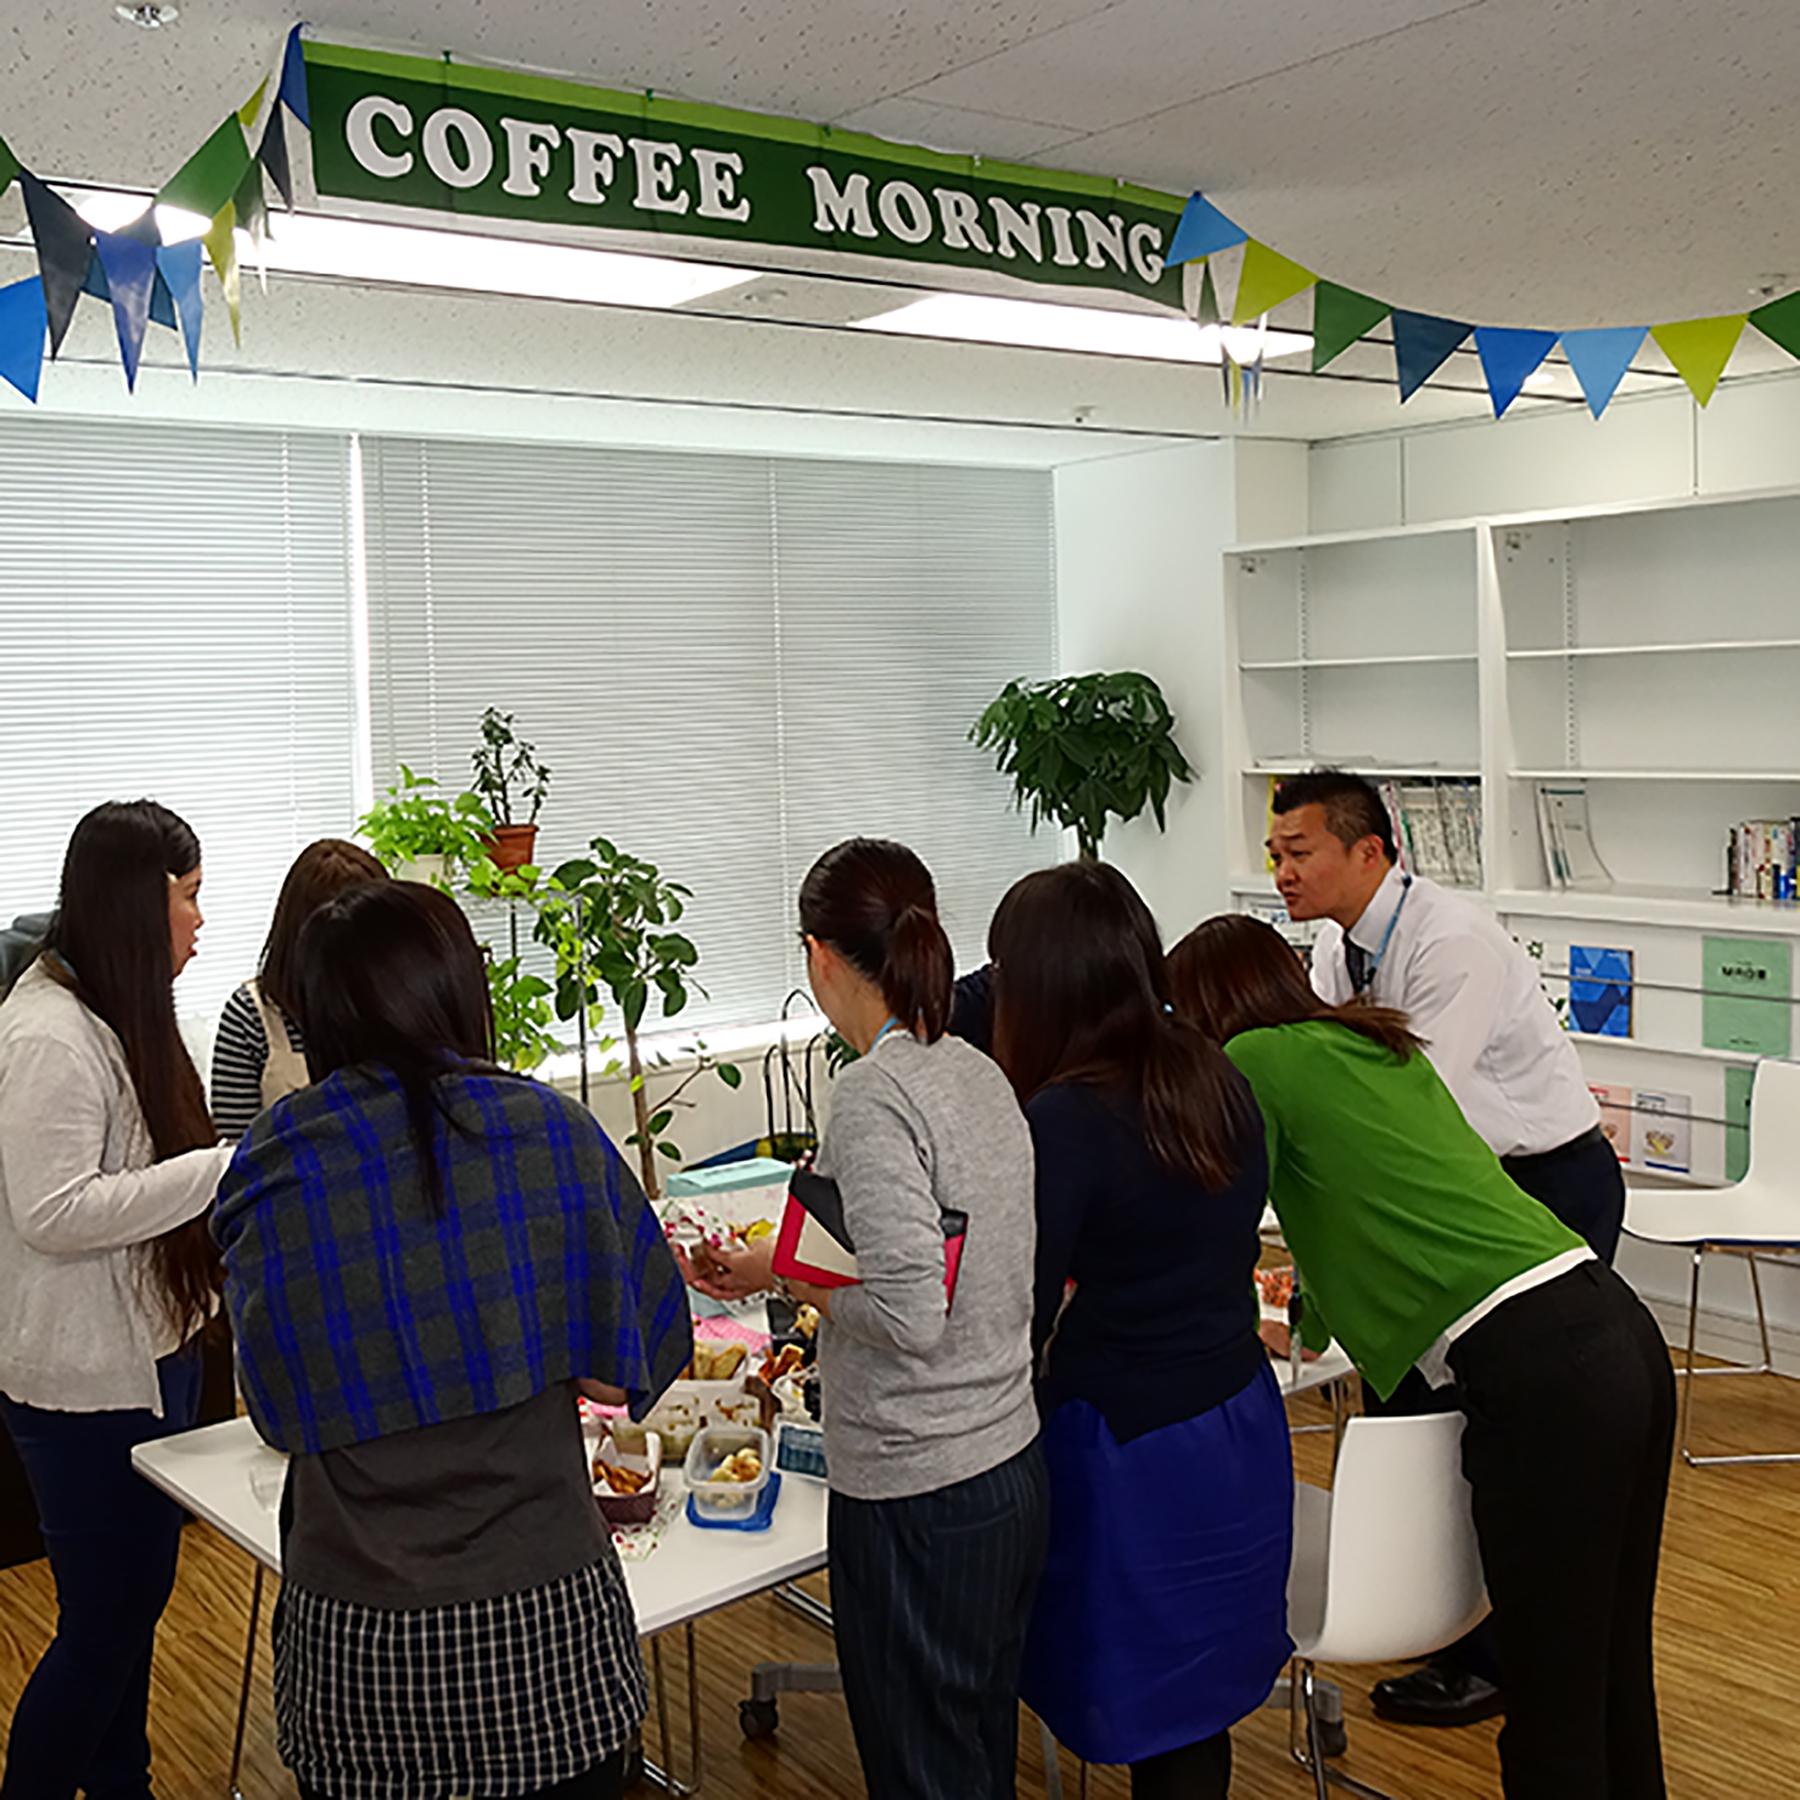 社内チャリティバザー「Coffee Afternoon」